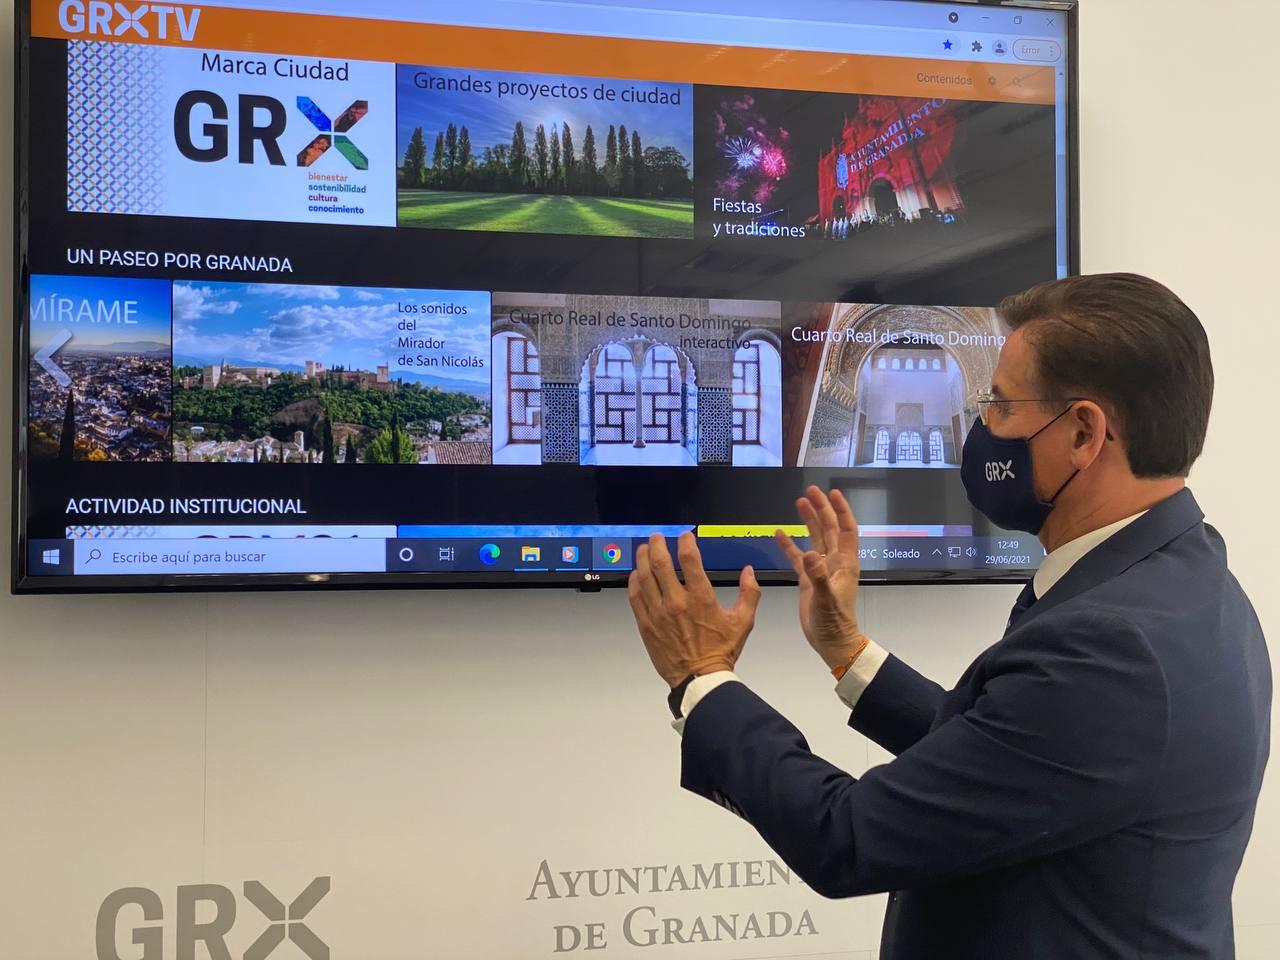 Granada pone en marcha una plataforma para poder ver la ciudad «desde cualquier parte del mundo»